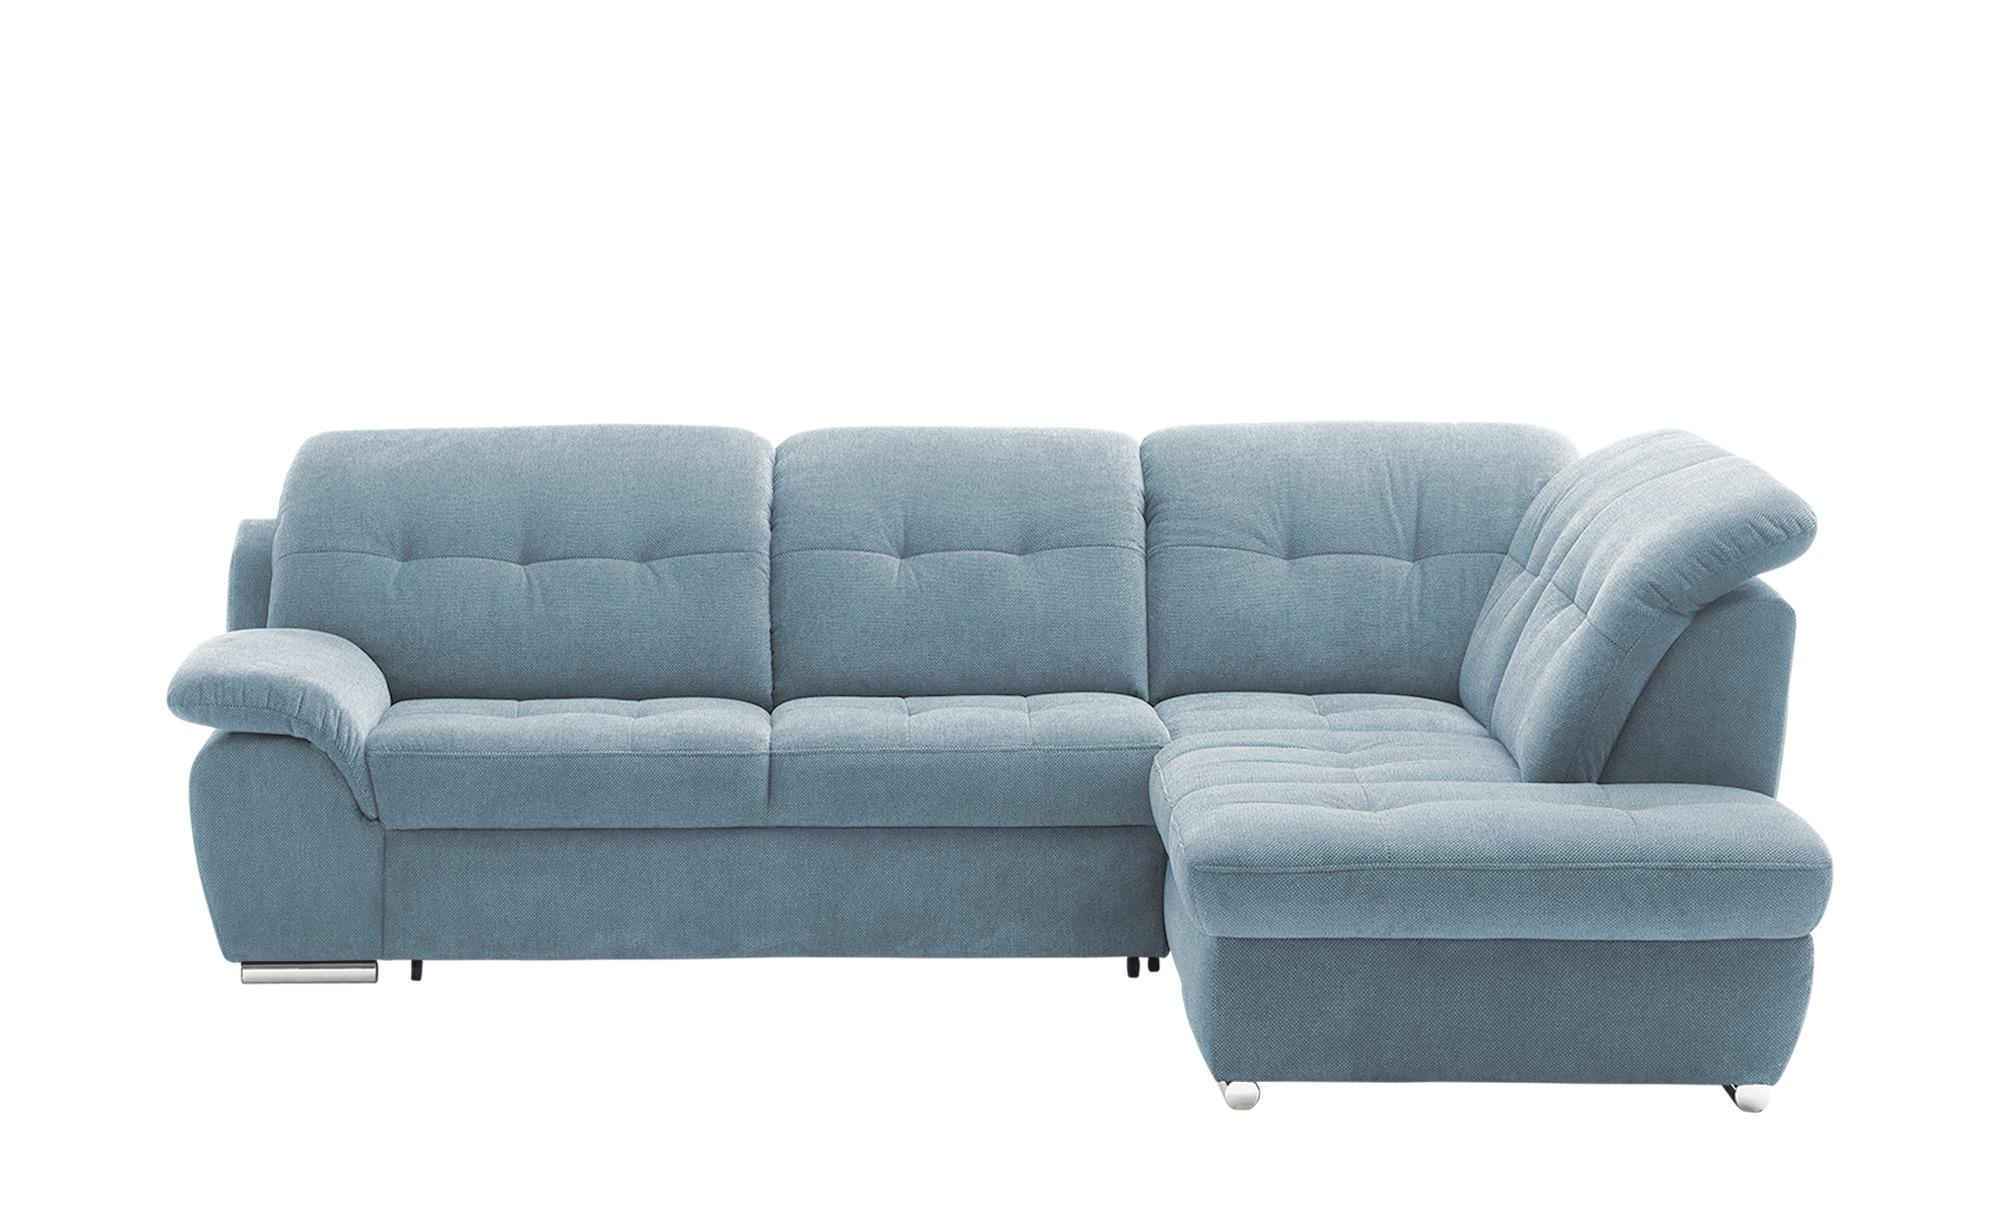 Ecksofa mit Funktion  Halona ¦ blau ¦ Maße (cm): H: 89 Polstermöbel > Sofas > Ecksofas - Höffner